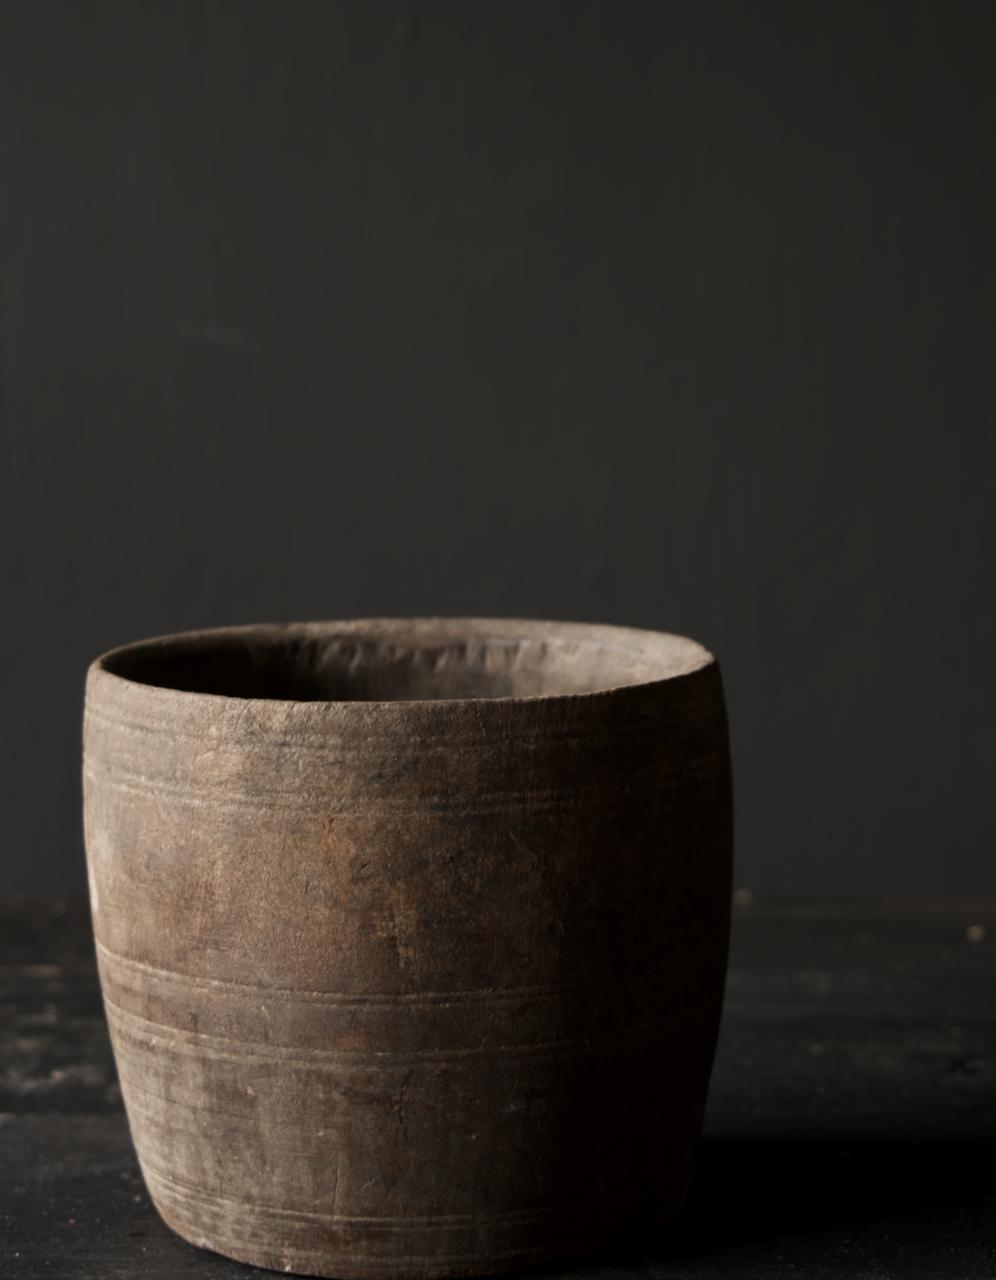 Nepalesischer alter hölzerner Topf oder Vase-4